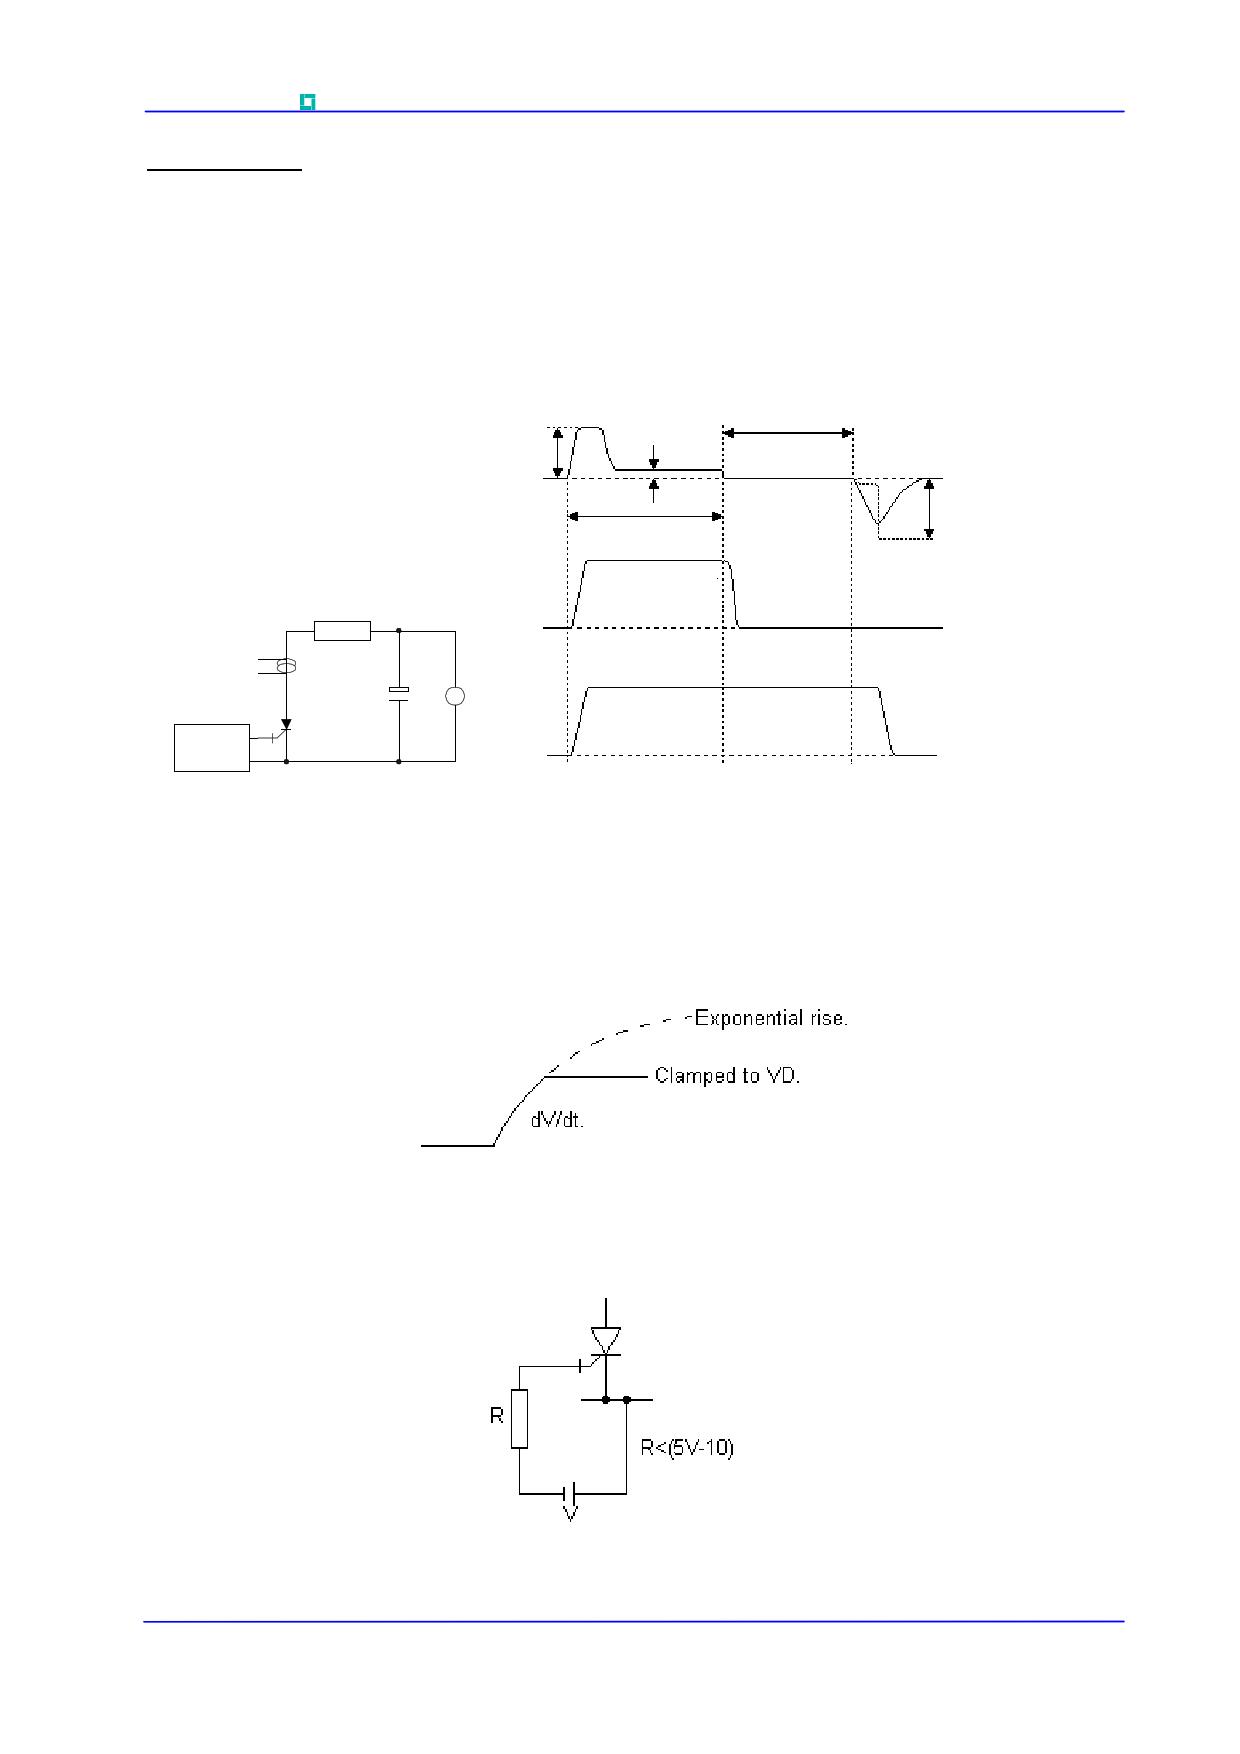 G1000NL450 pdf